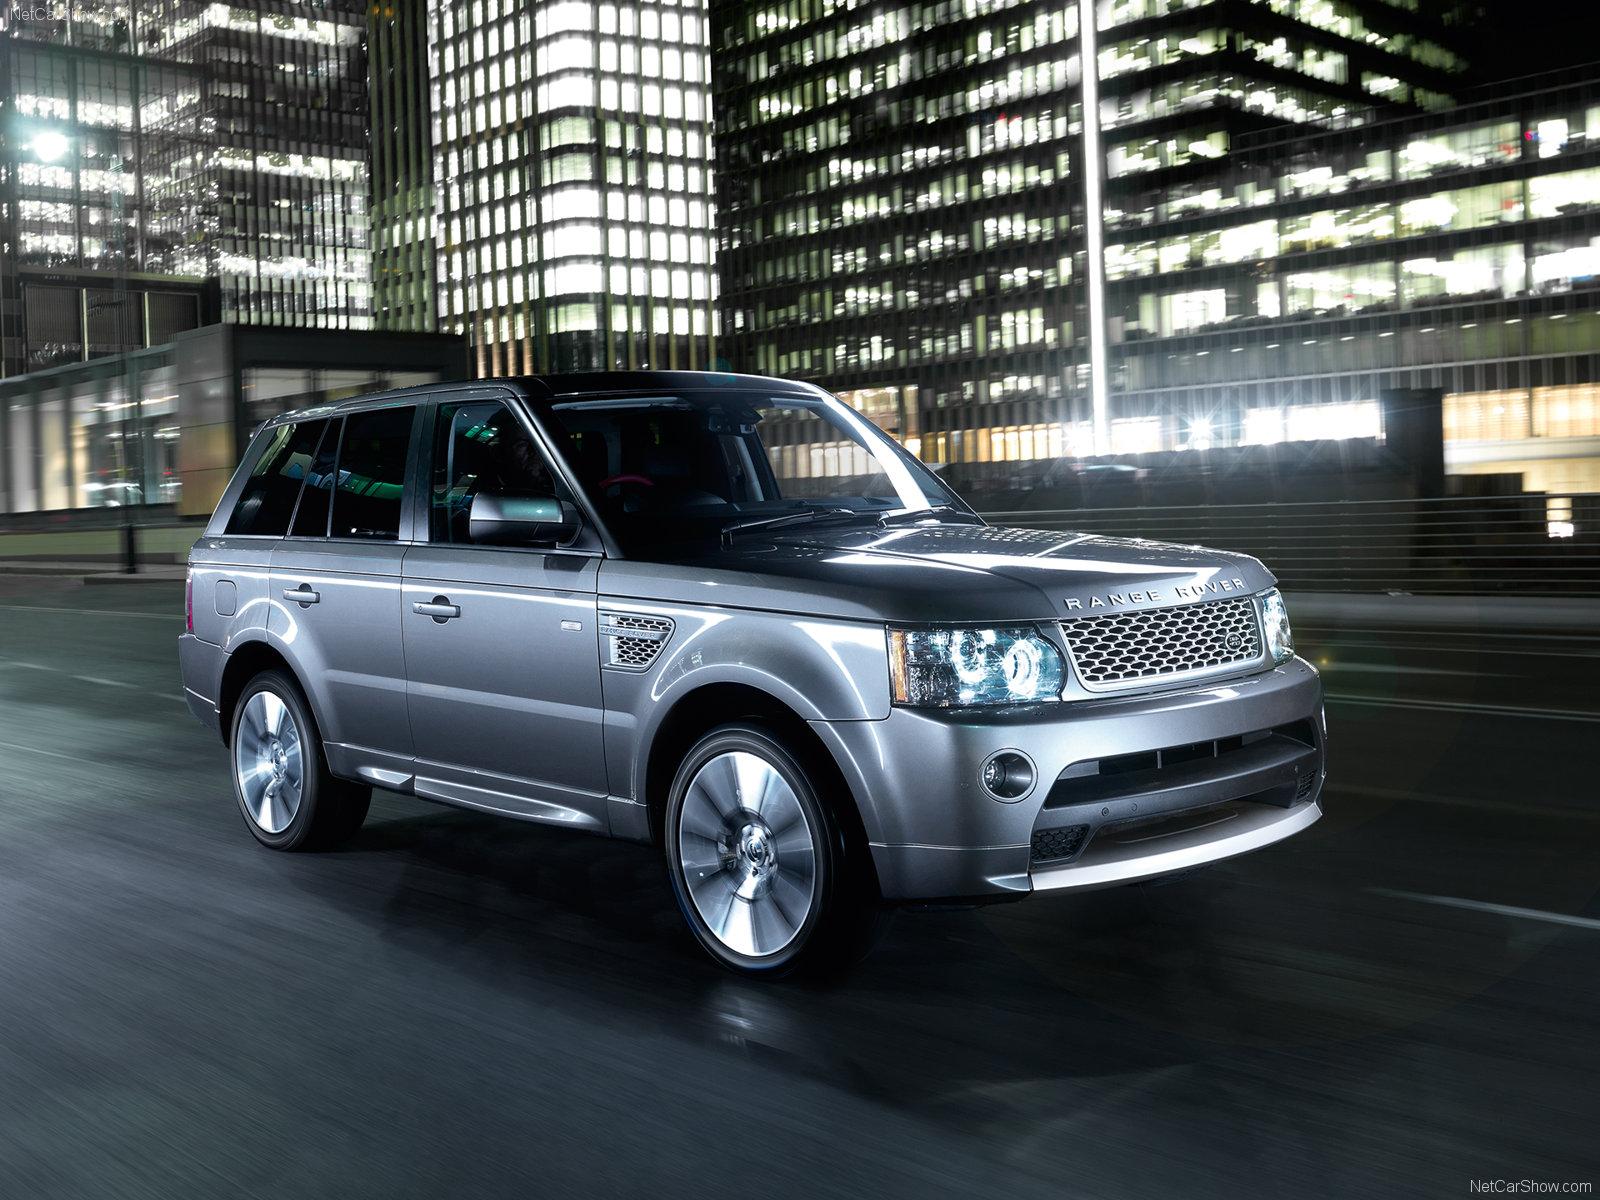 Hình ảnh xe ô tô Land Rover Range Rover Sport Autobiography 2010 & nội ngoại thất